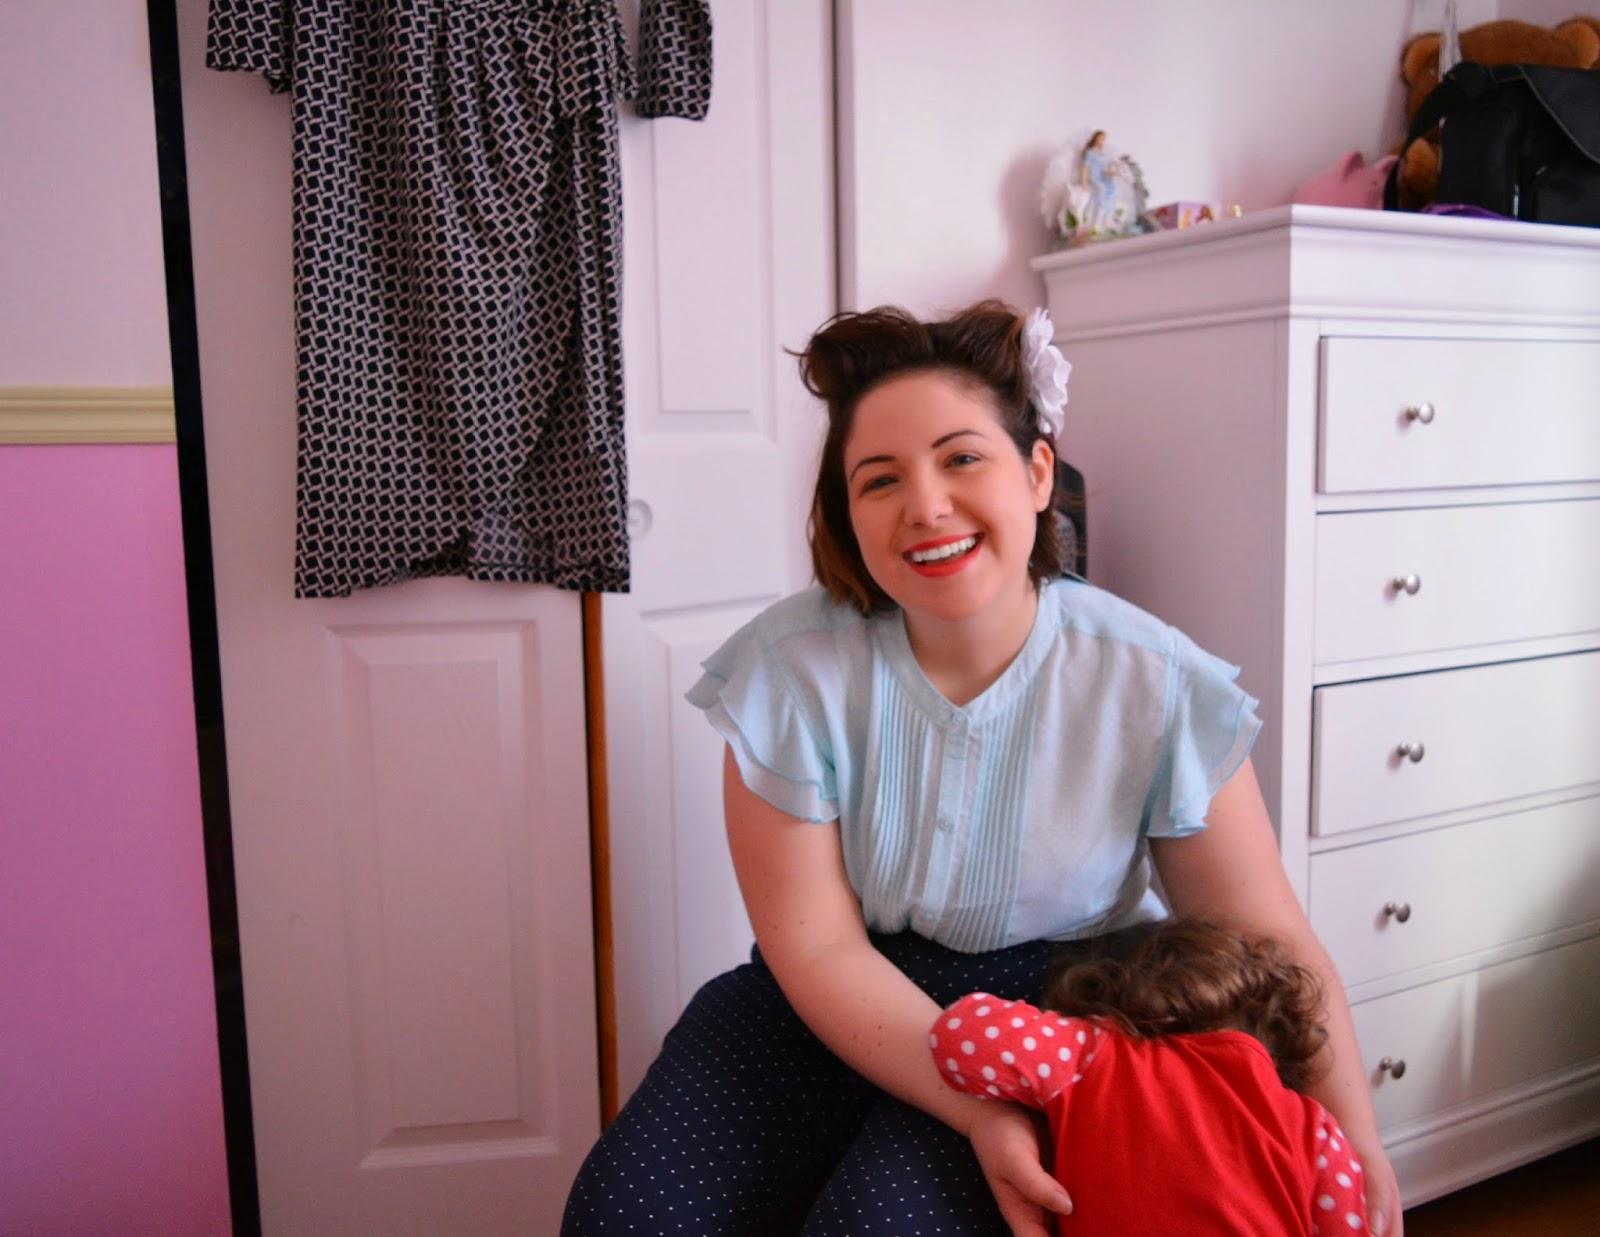 Mon maquillage Cover Girl et Olay #MamanPG pour le défi #ABCduprintemps